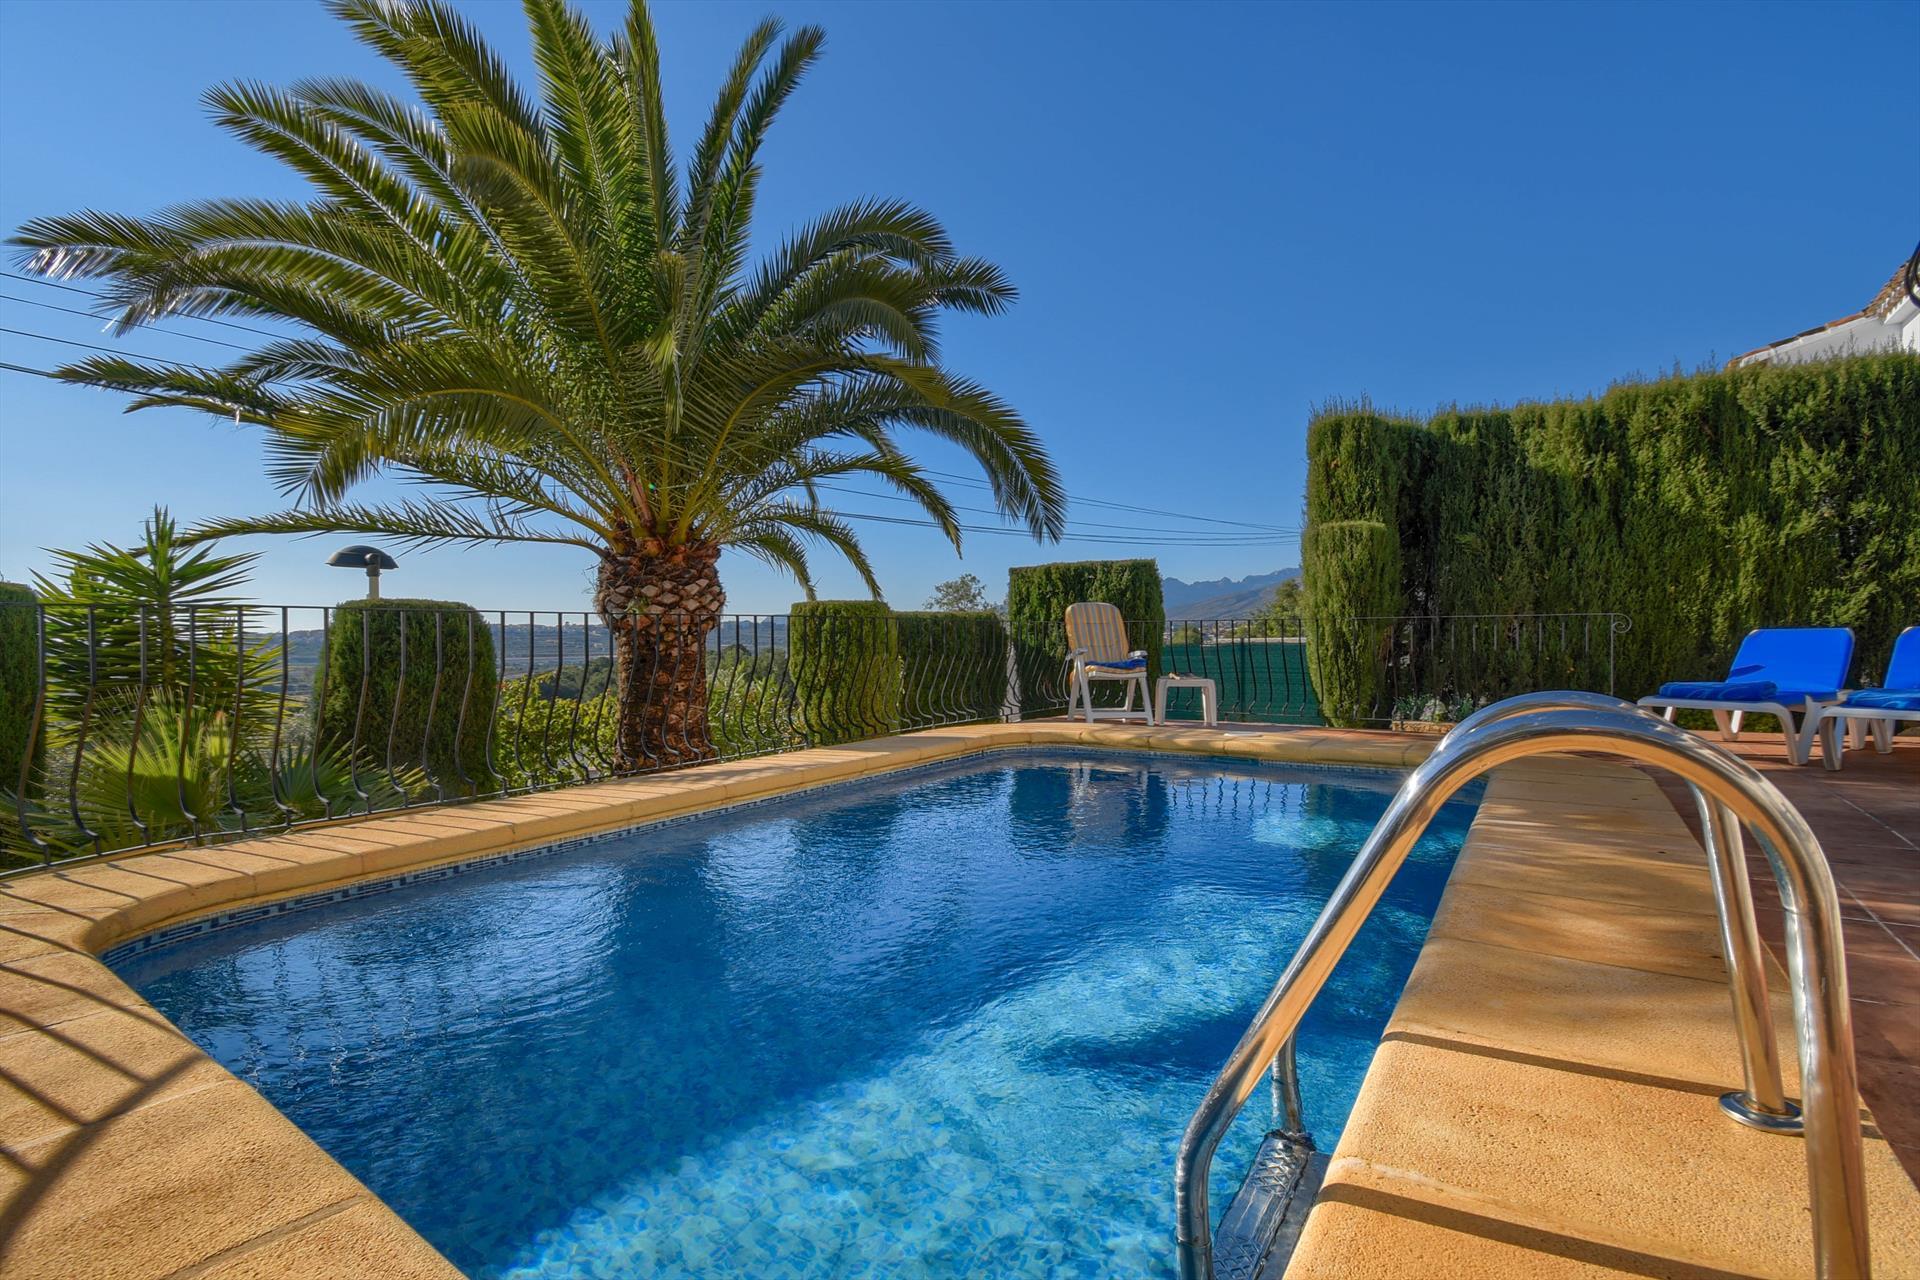 Senija,Villa bonita y clásica en Senija, en la Costa Blanca, España  con piscina privada para 4 personas.....